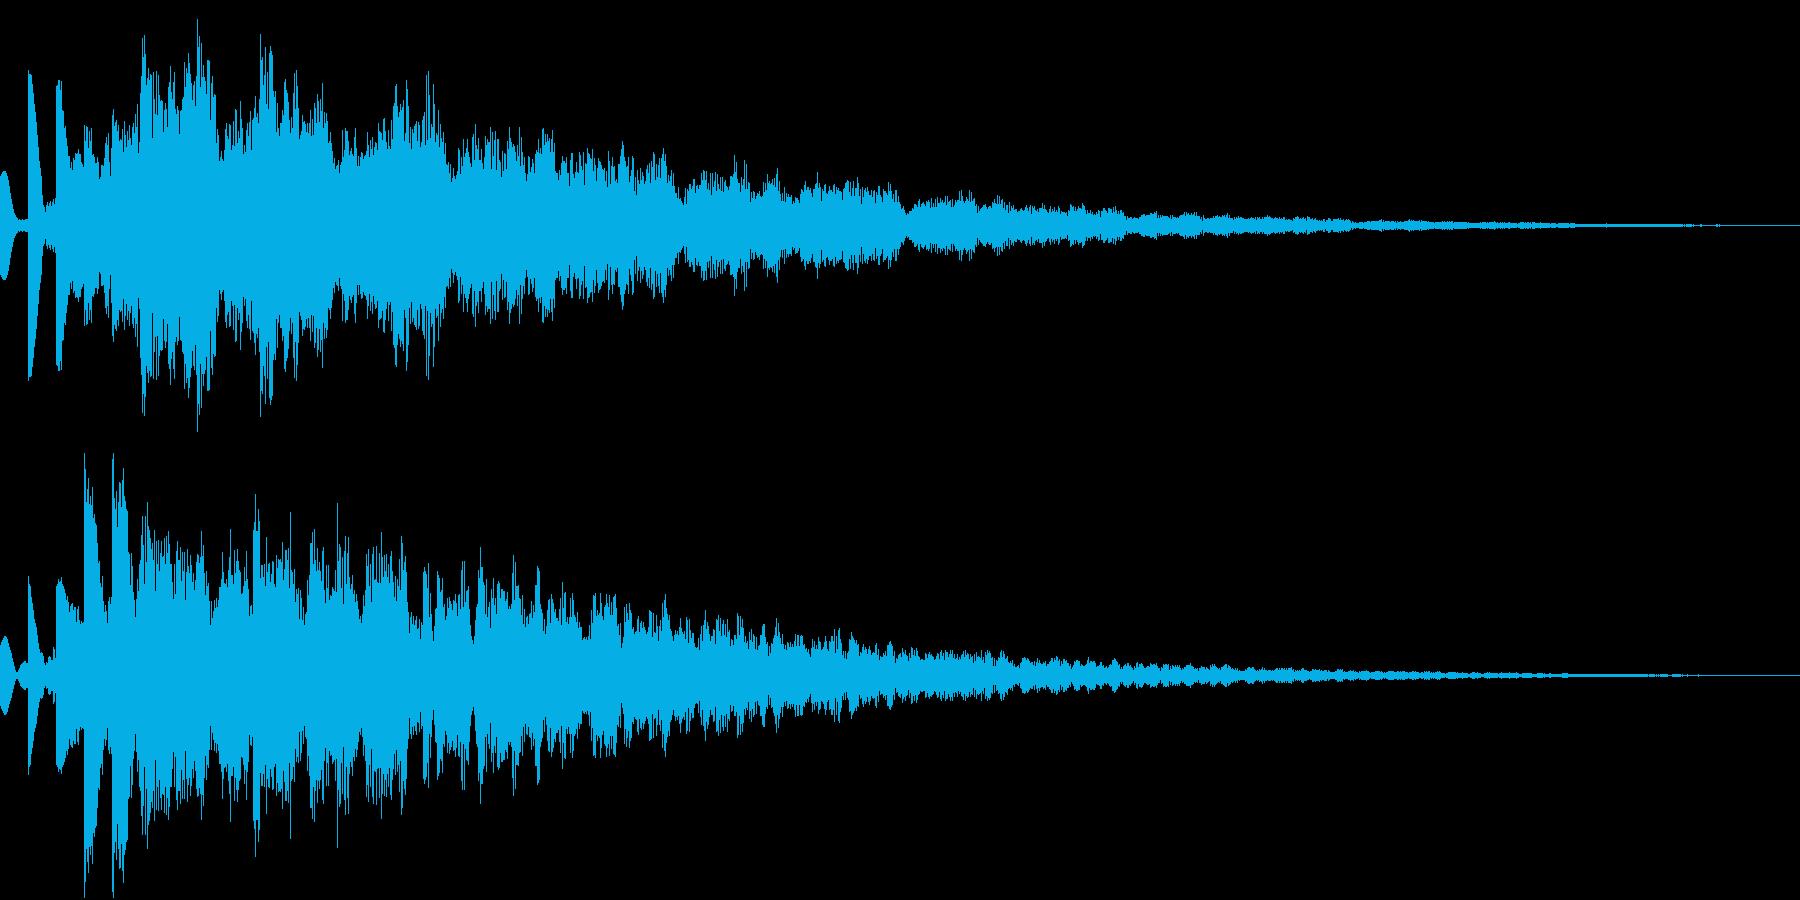 コスミックなSF向けピポパポ音(エコー)の再生済みの波形